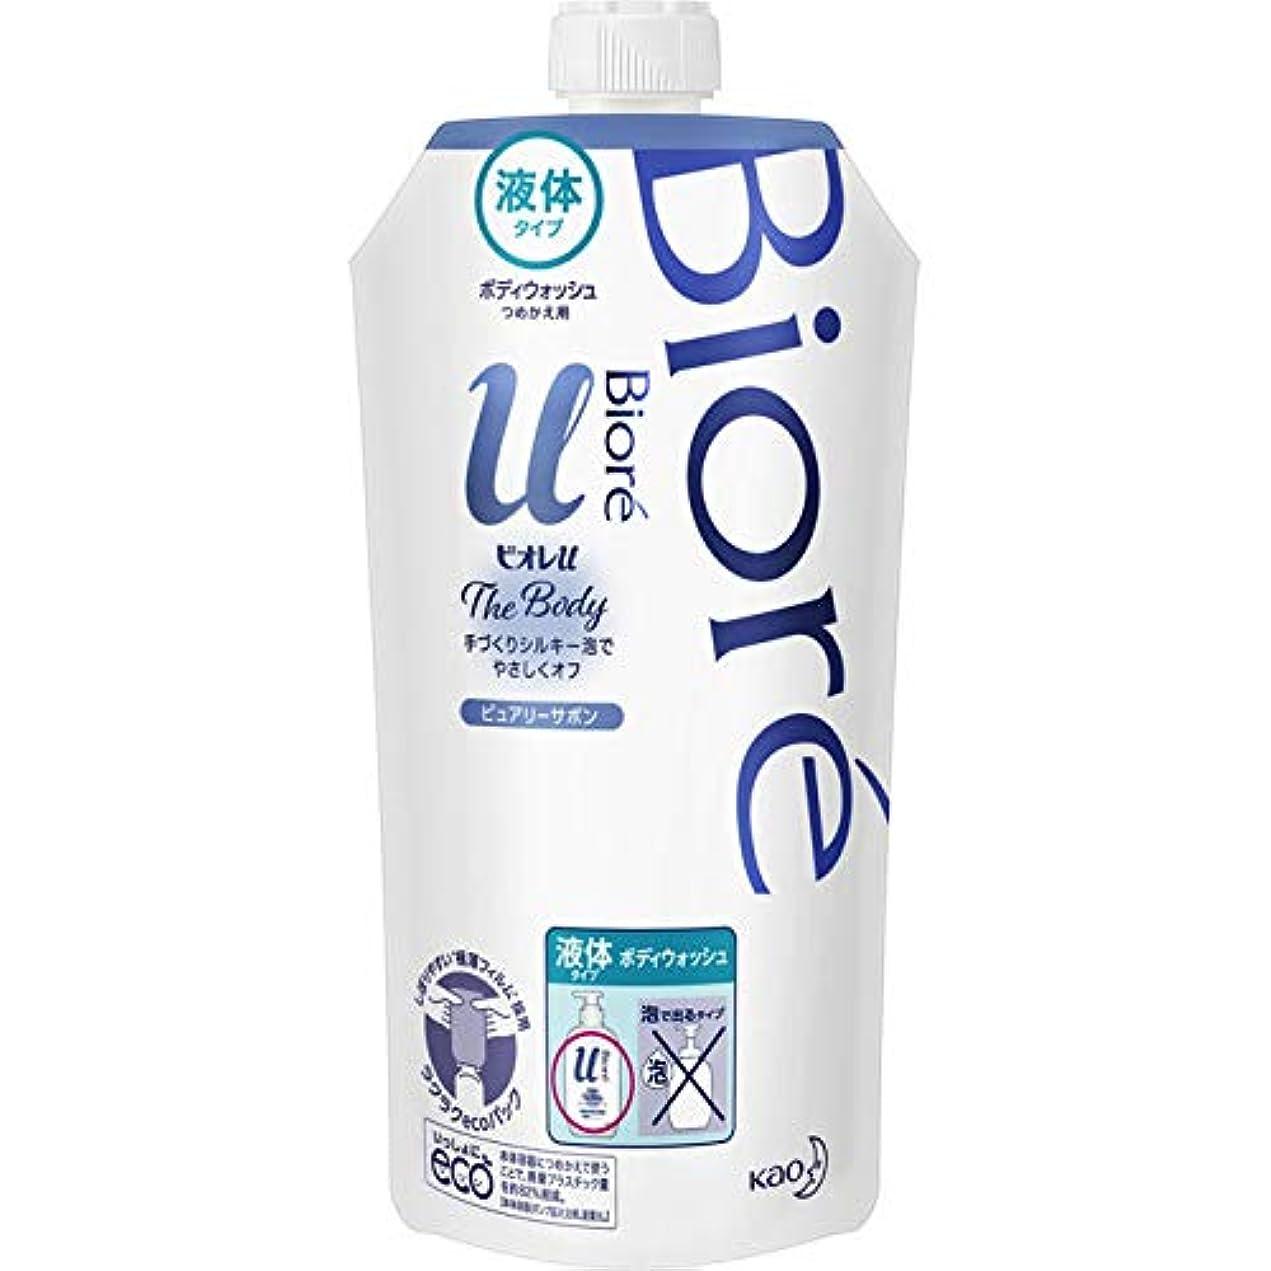 モッキンバード有益急性花王 ビオレu ザ ボディ液体ピュアリーサボンの香り 詰替え用 340ml